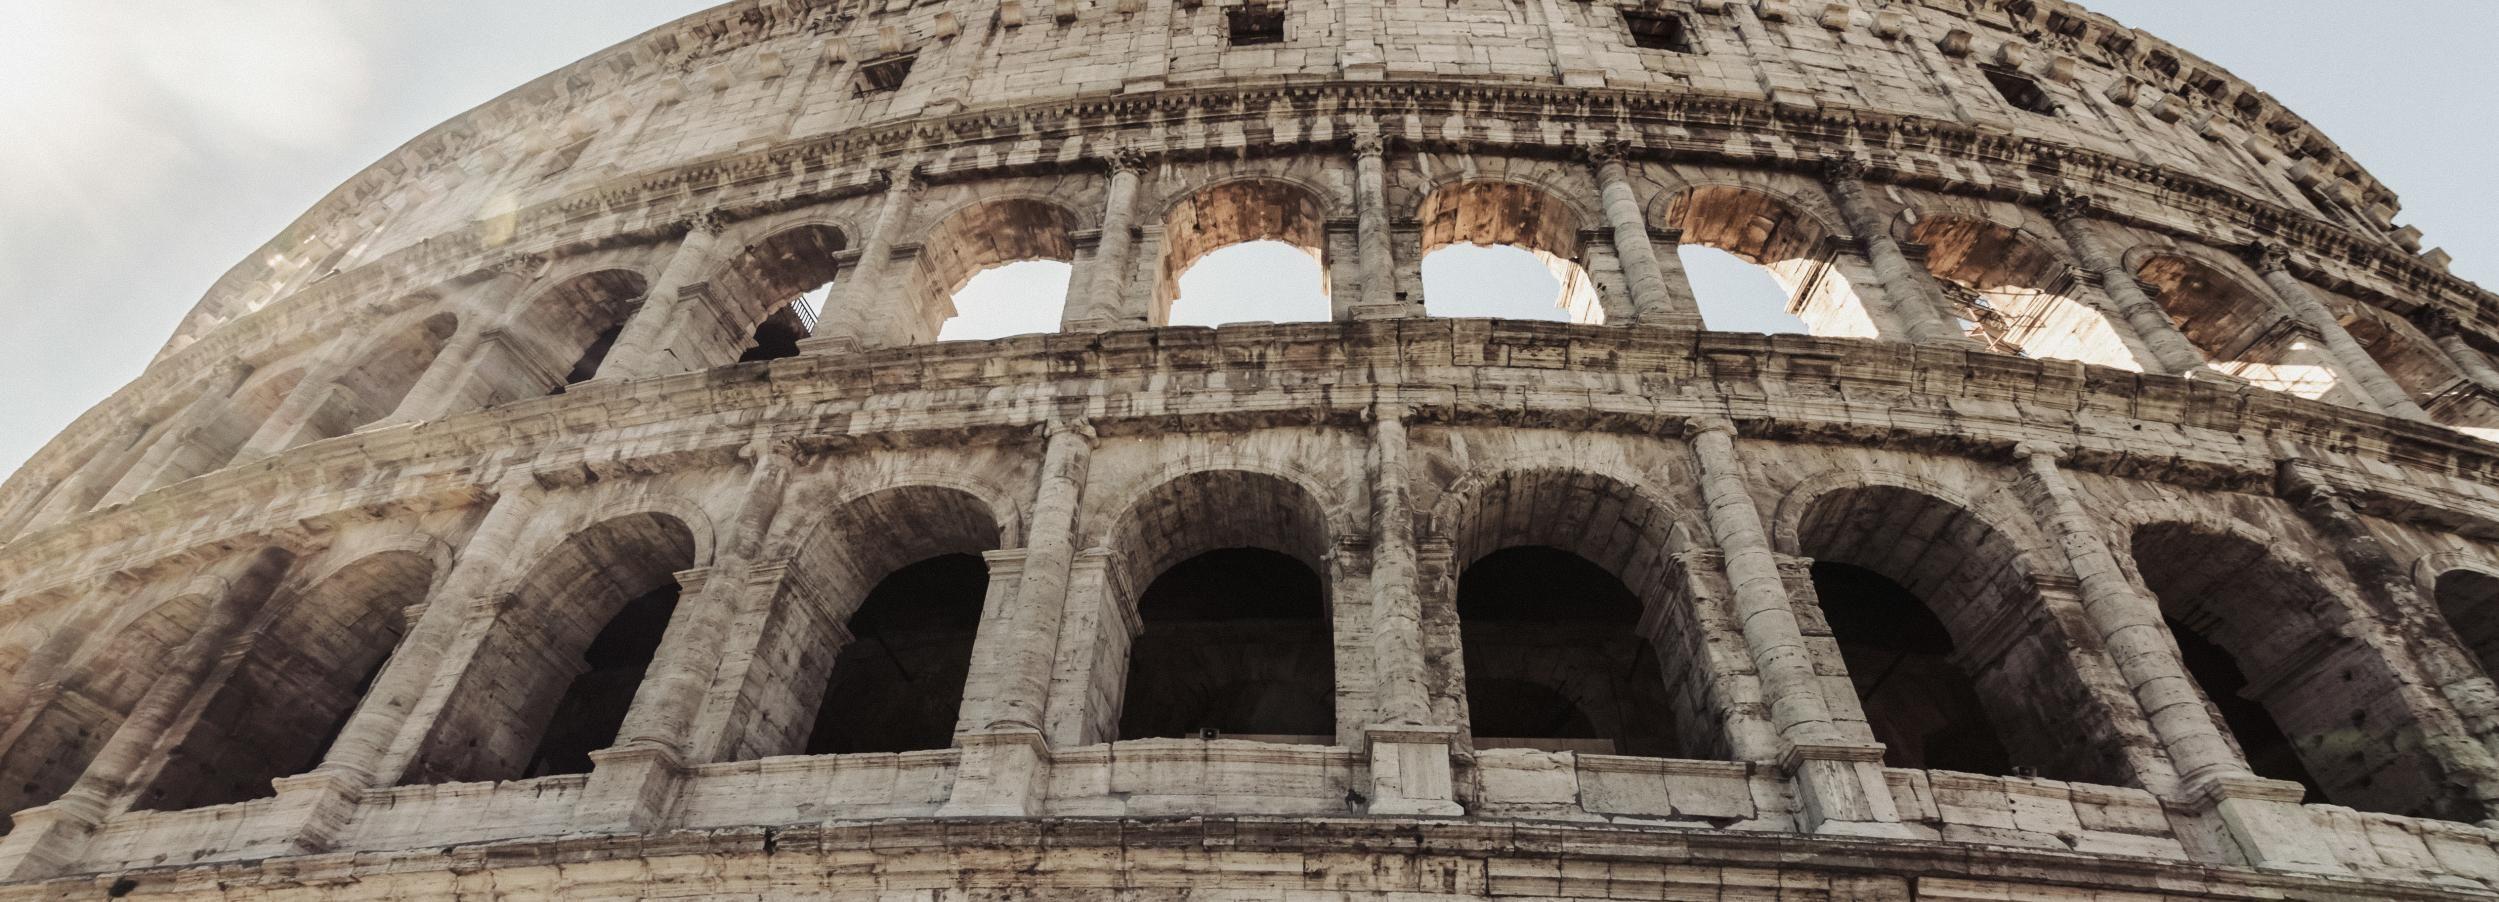 Rom: Virtuelles Tour-Kolosseum & Gladiatoren